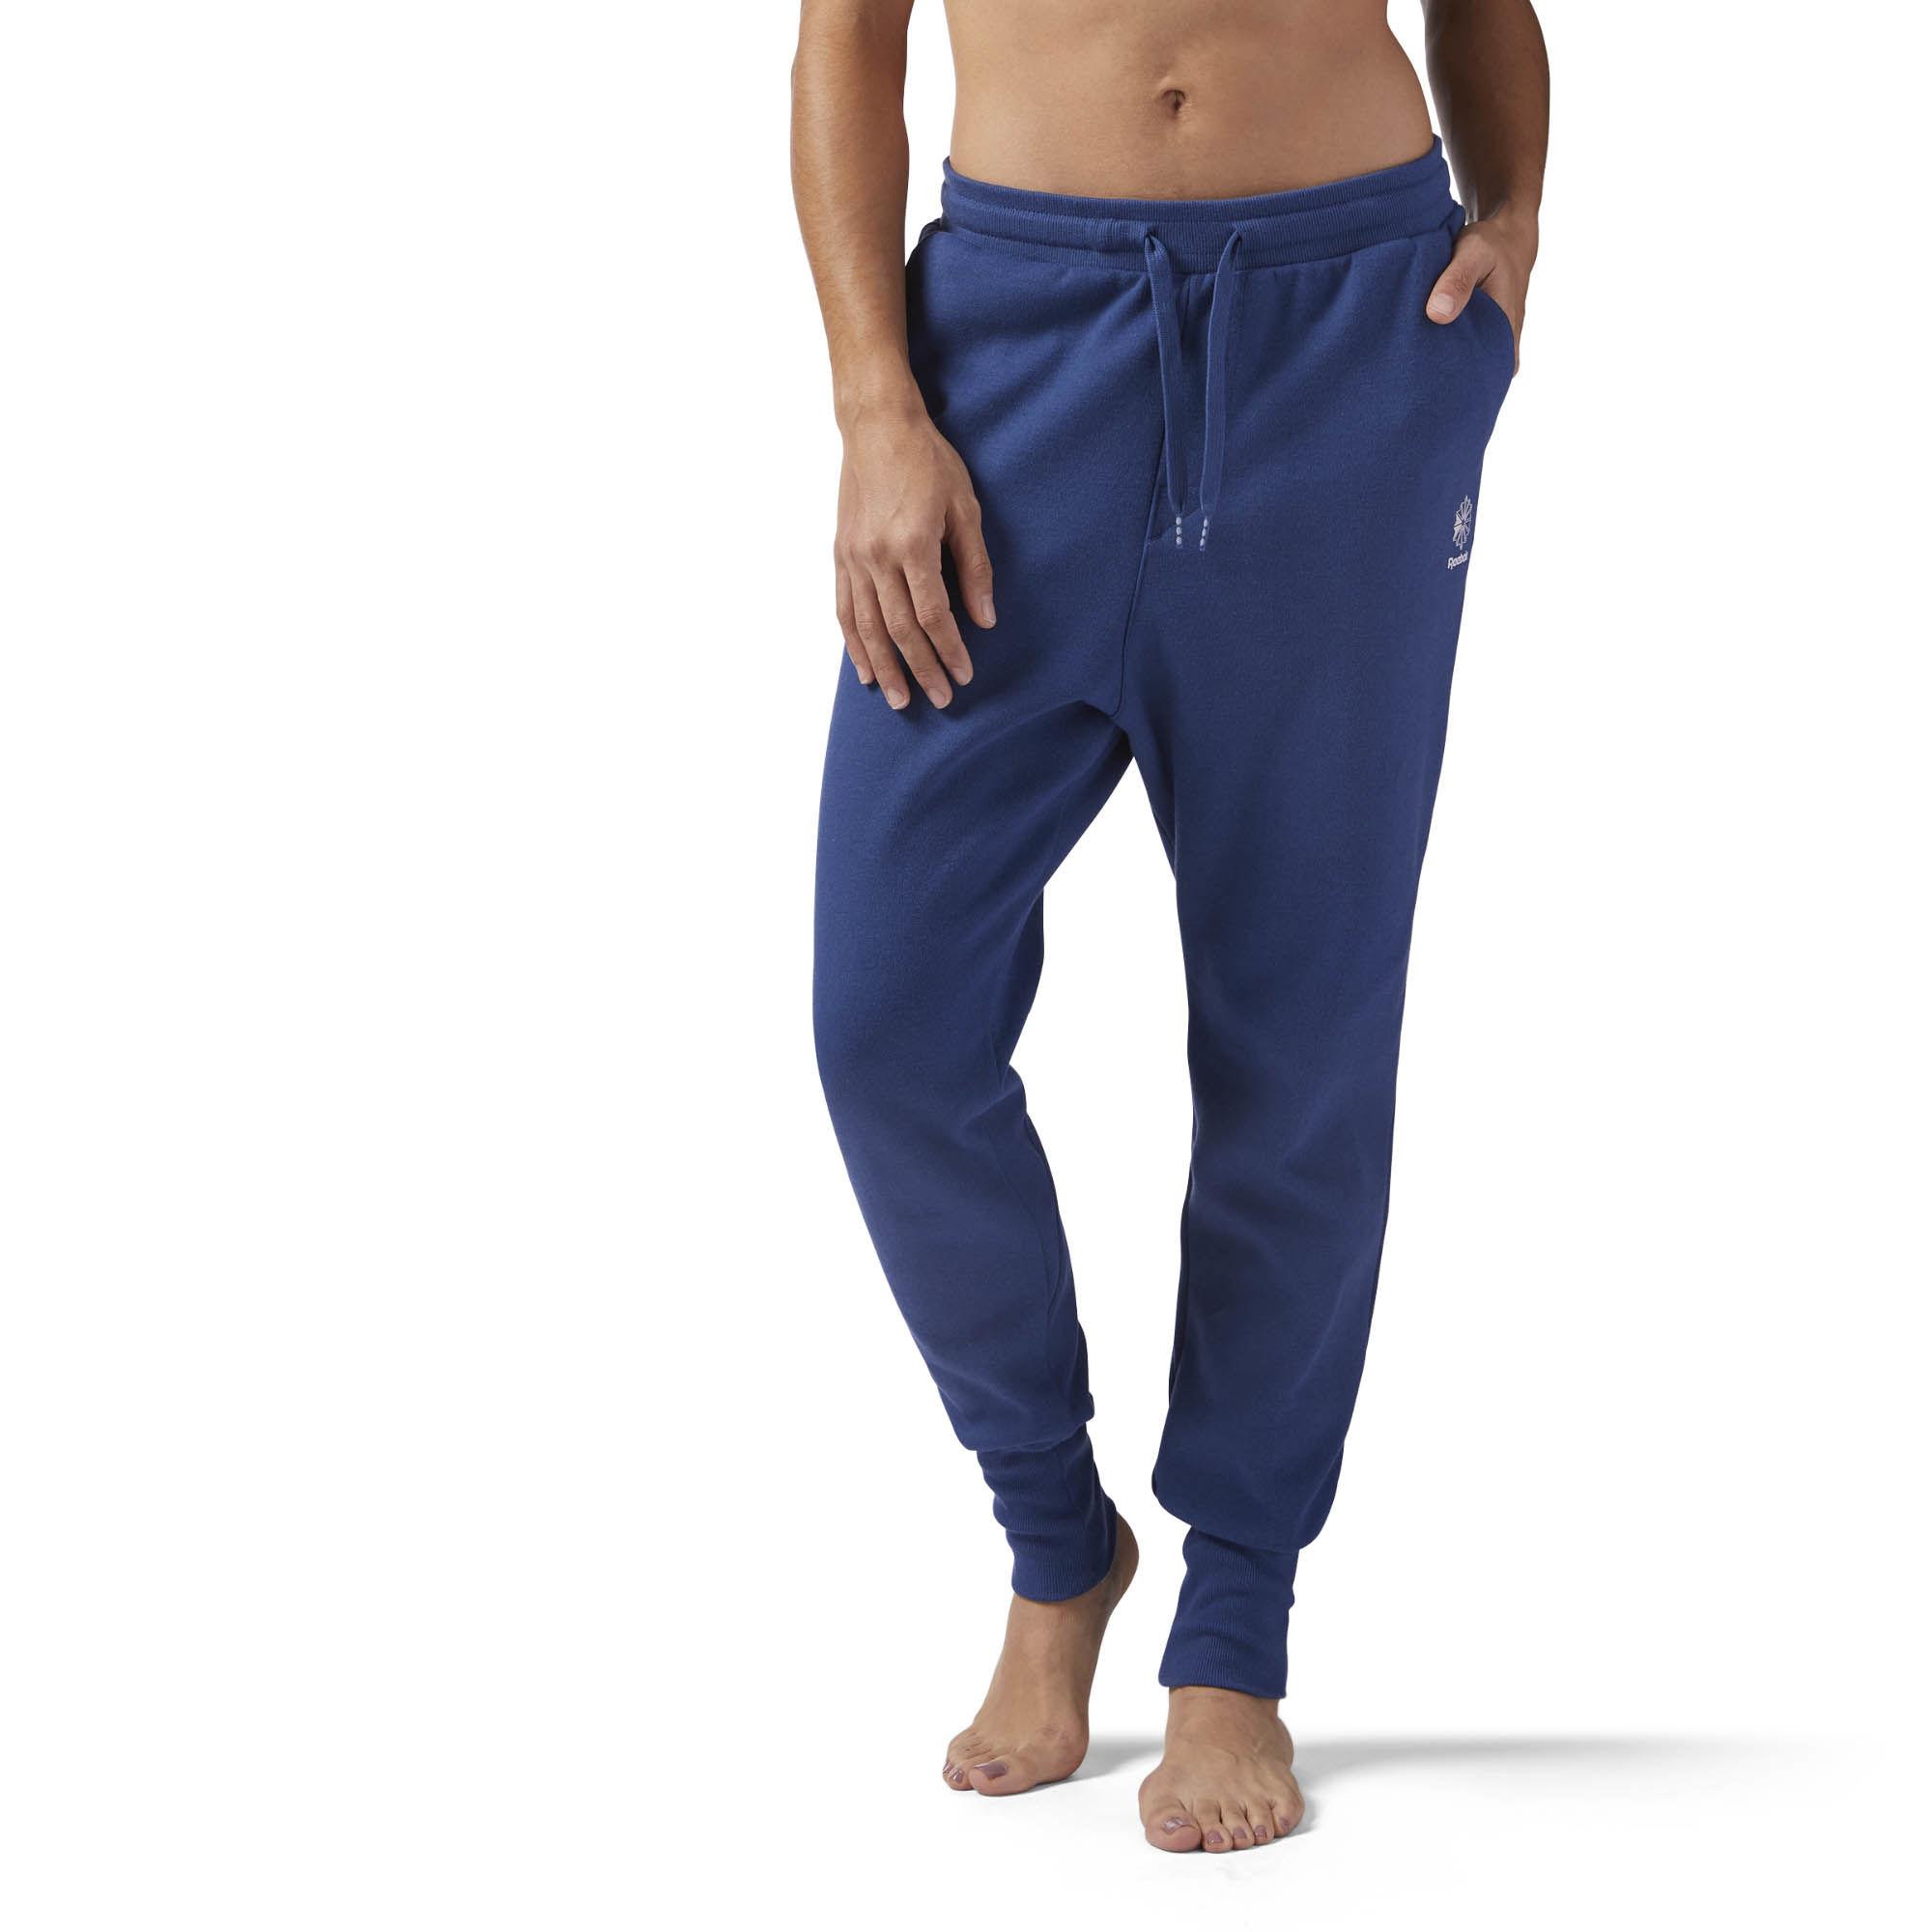 Брюки спортивные женские Reebok Dc Pant, цвет: синий. CF3938. Размер XL (52/54)